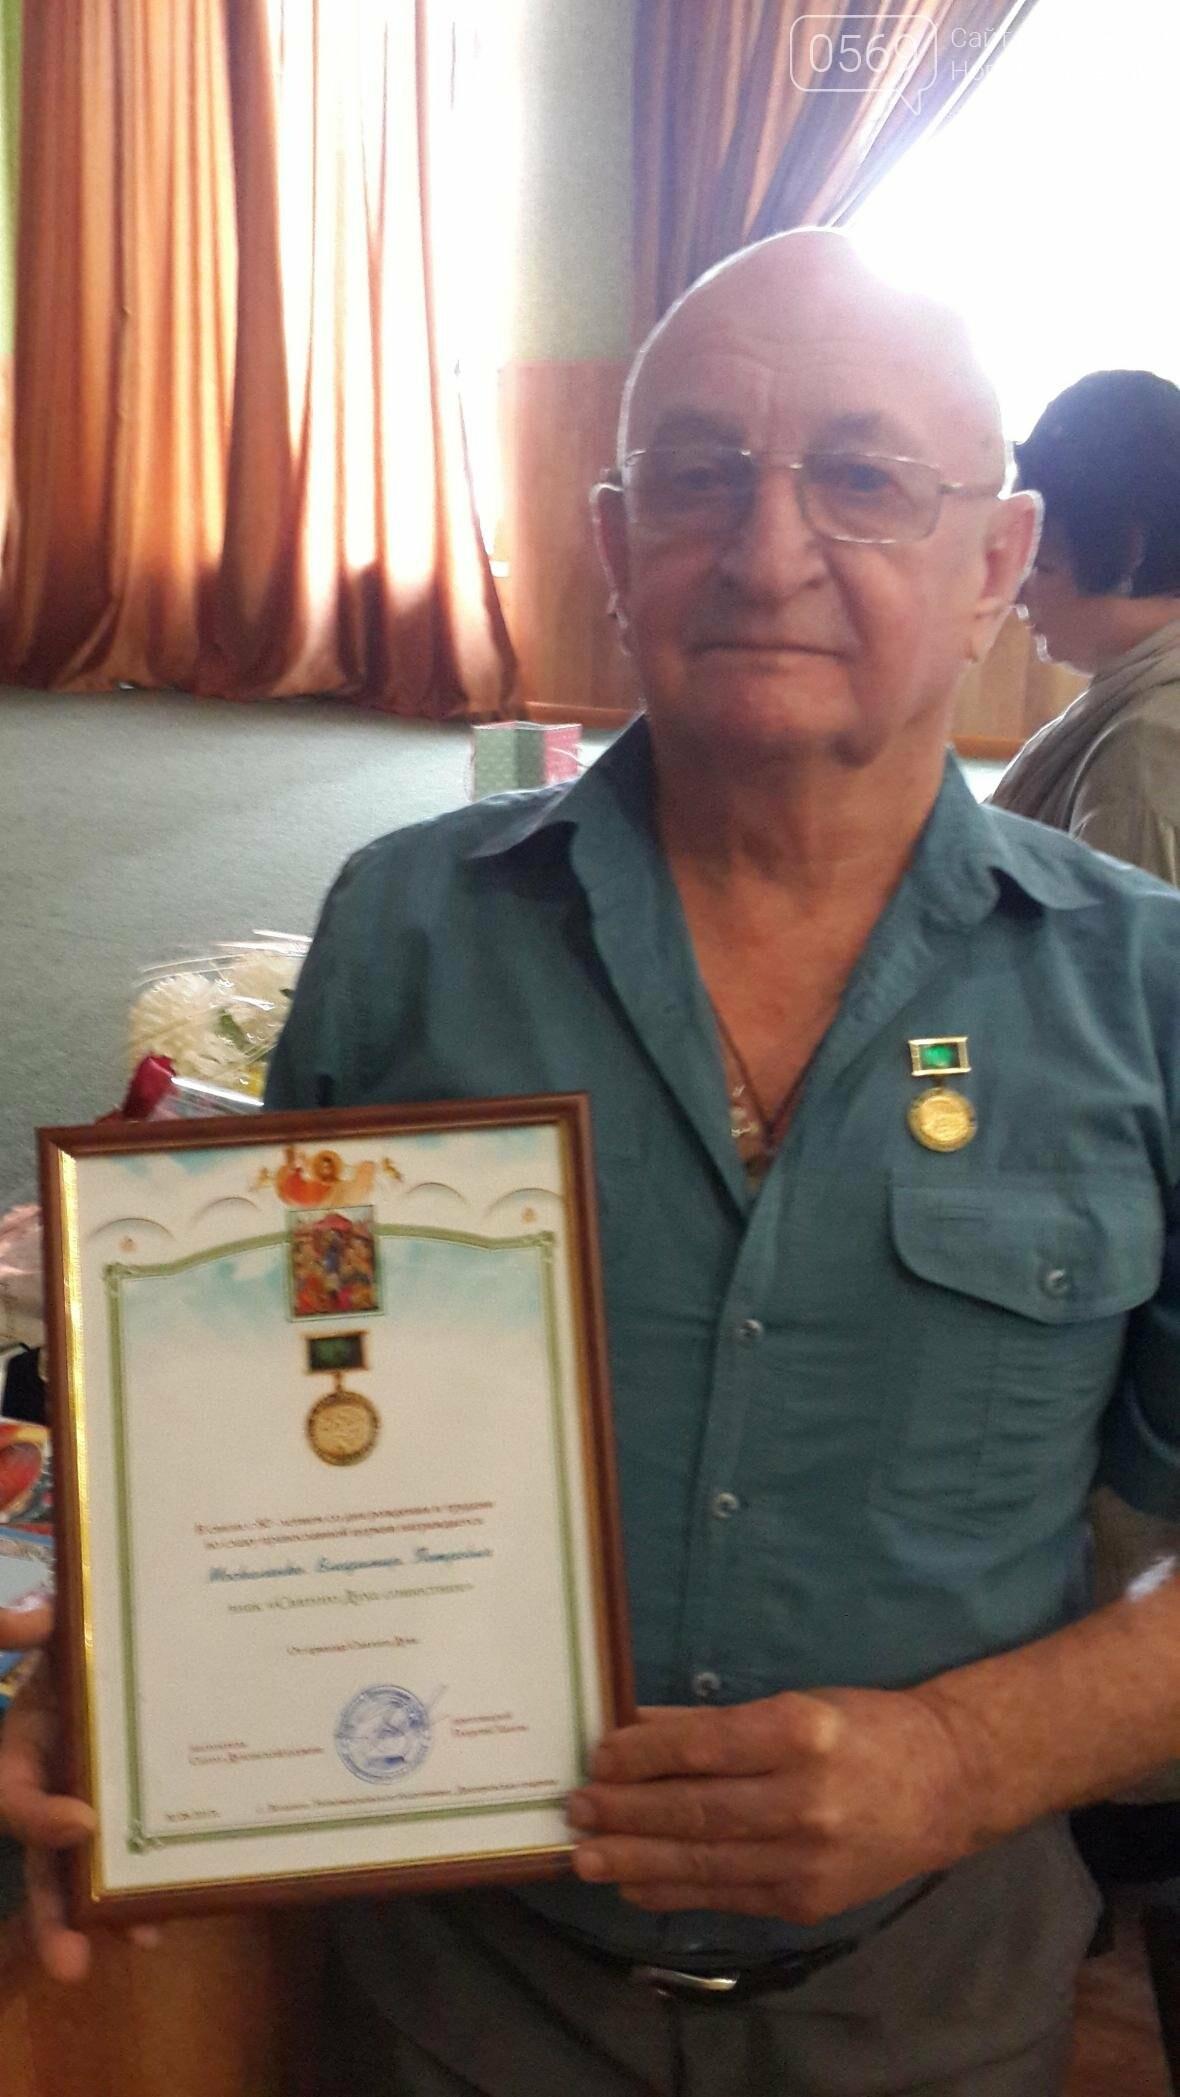 Автор гимна и герба Новомосковска отметил 80-летний юбилей, фото-1